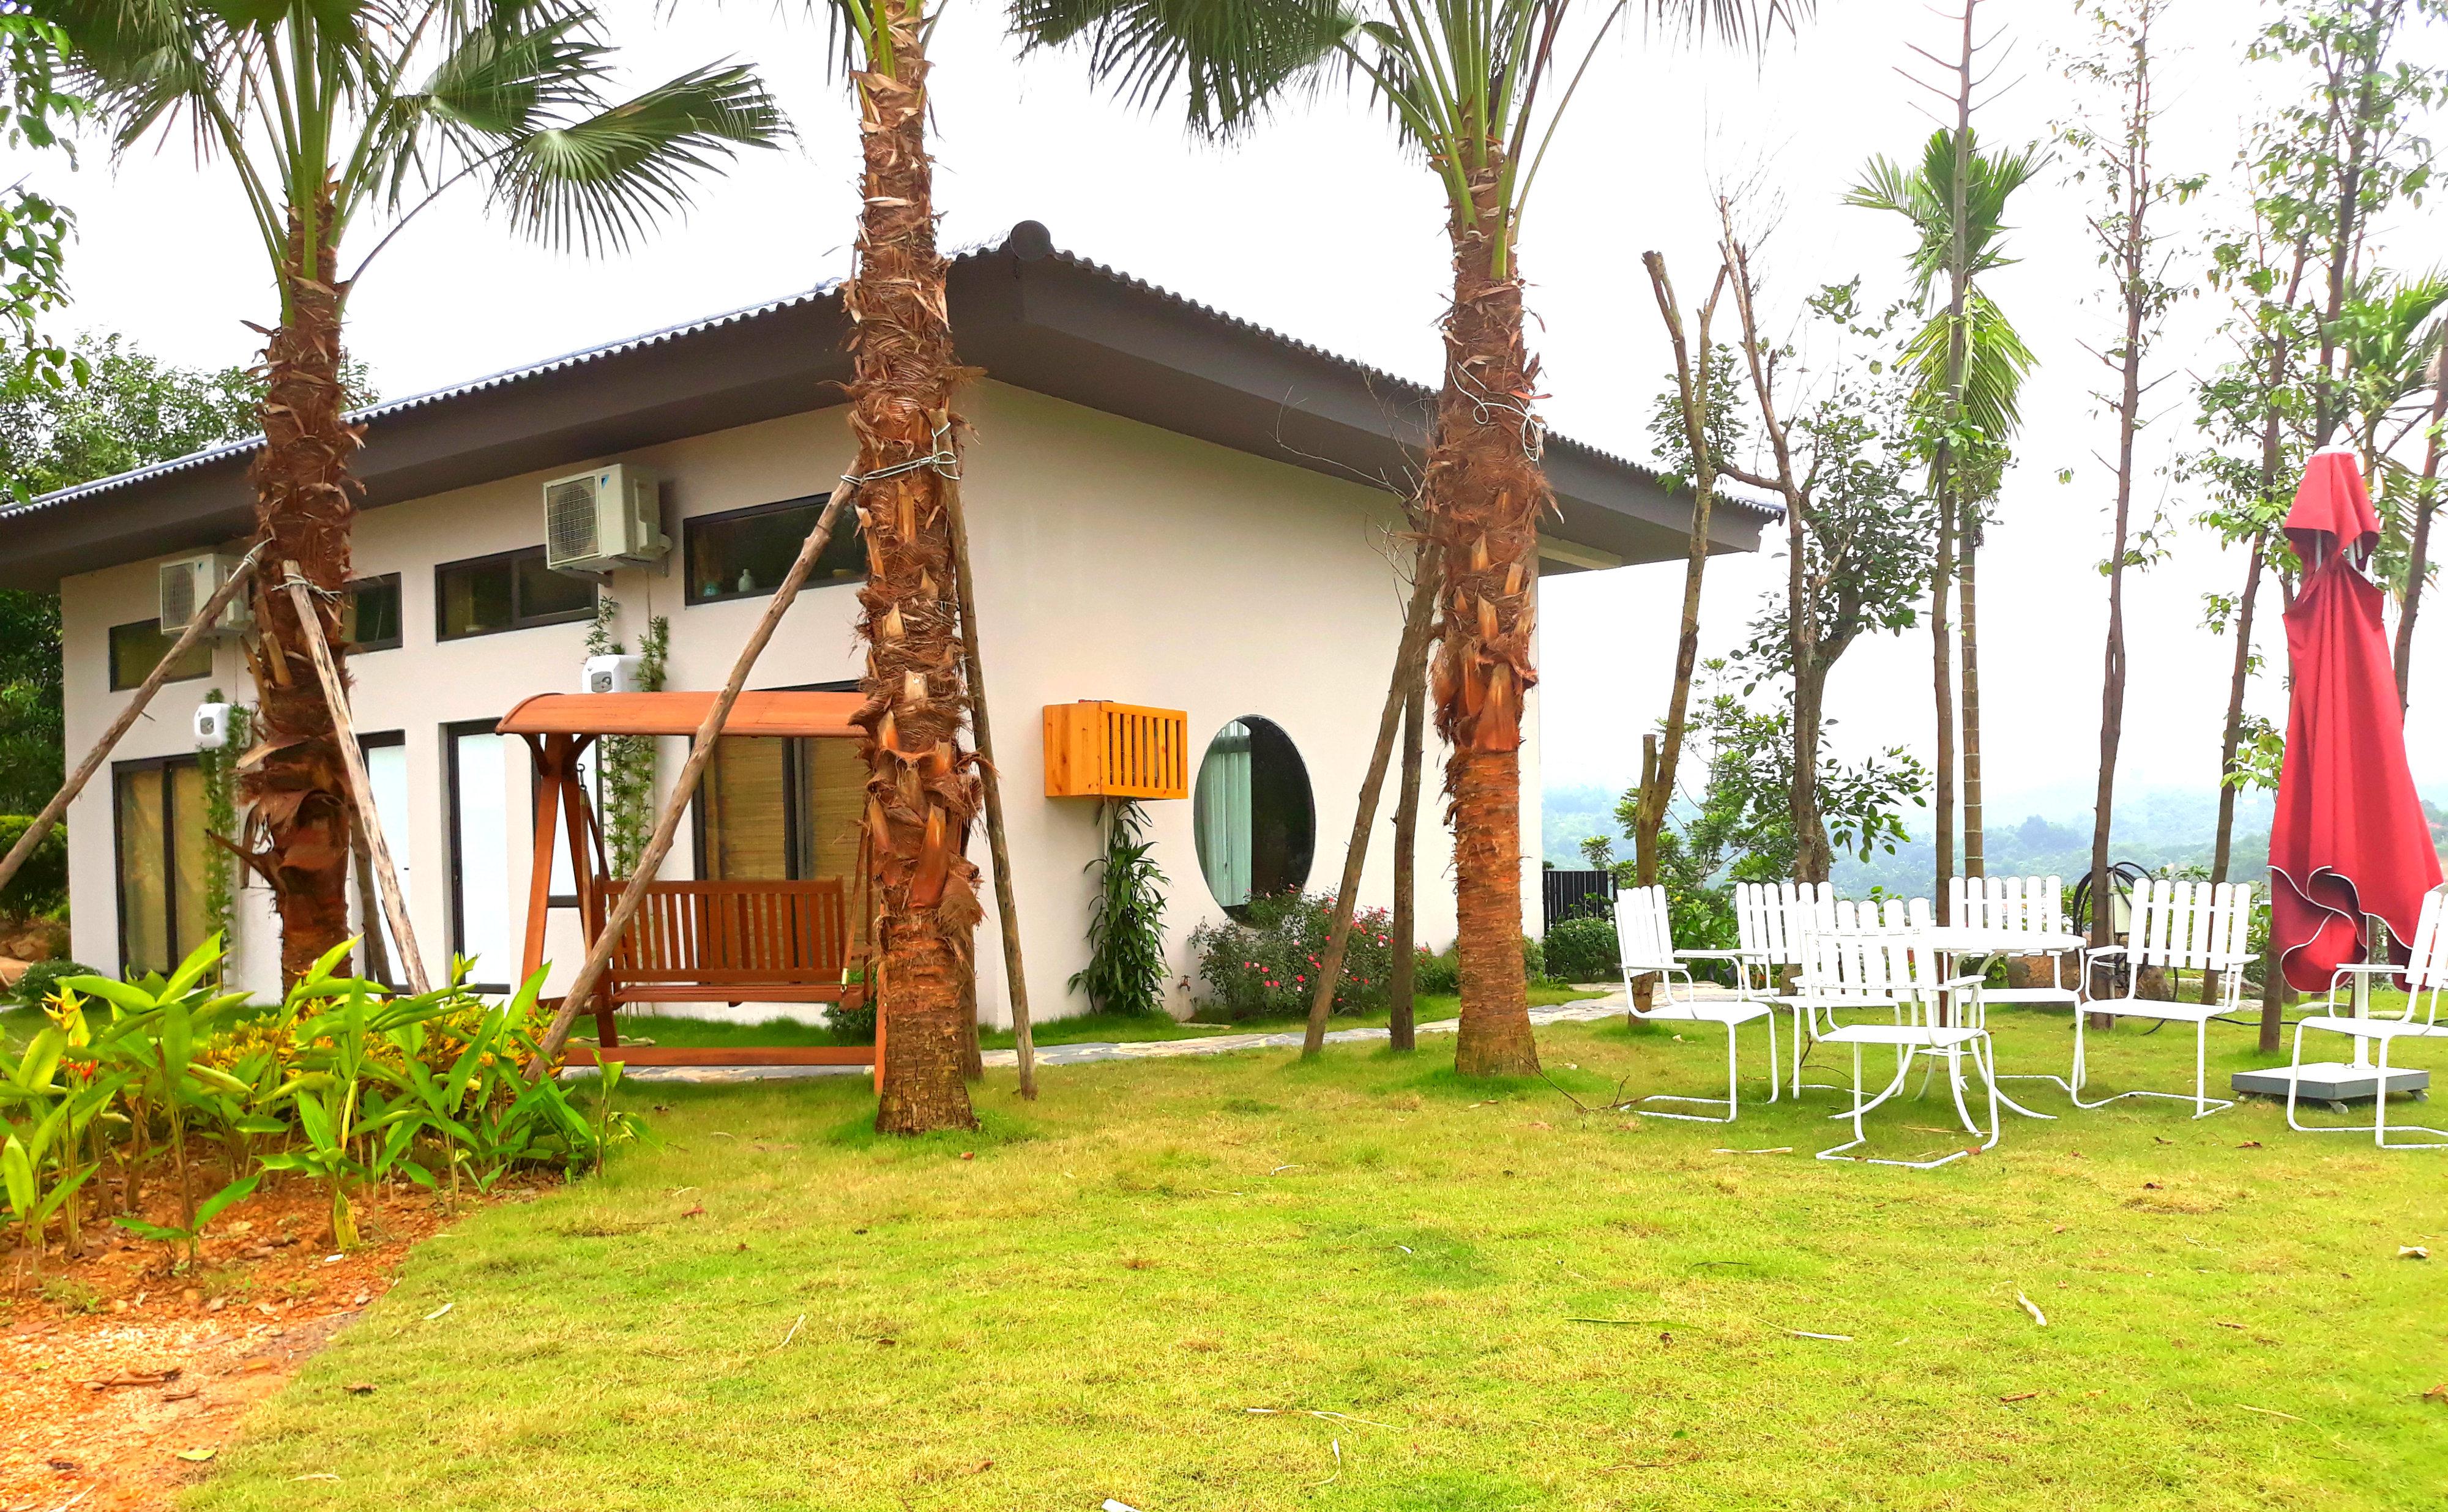 Kai Resort Hòa Bình Zen Group không cần giấy phép vì diện tích bé